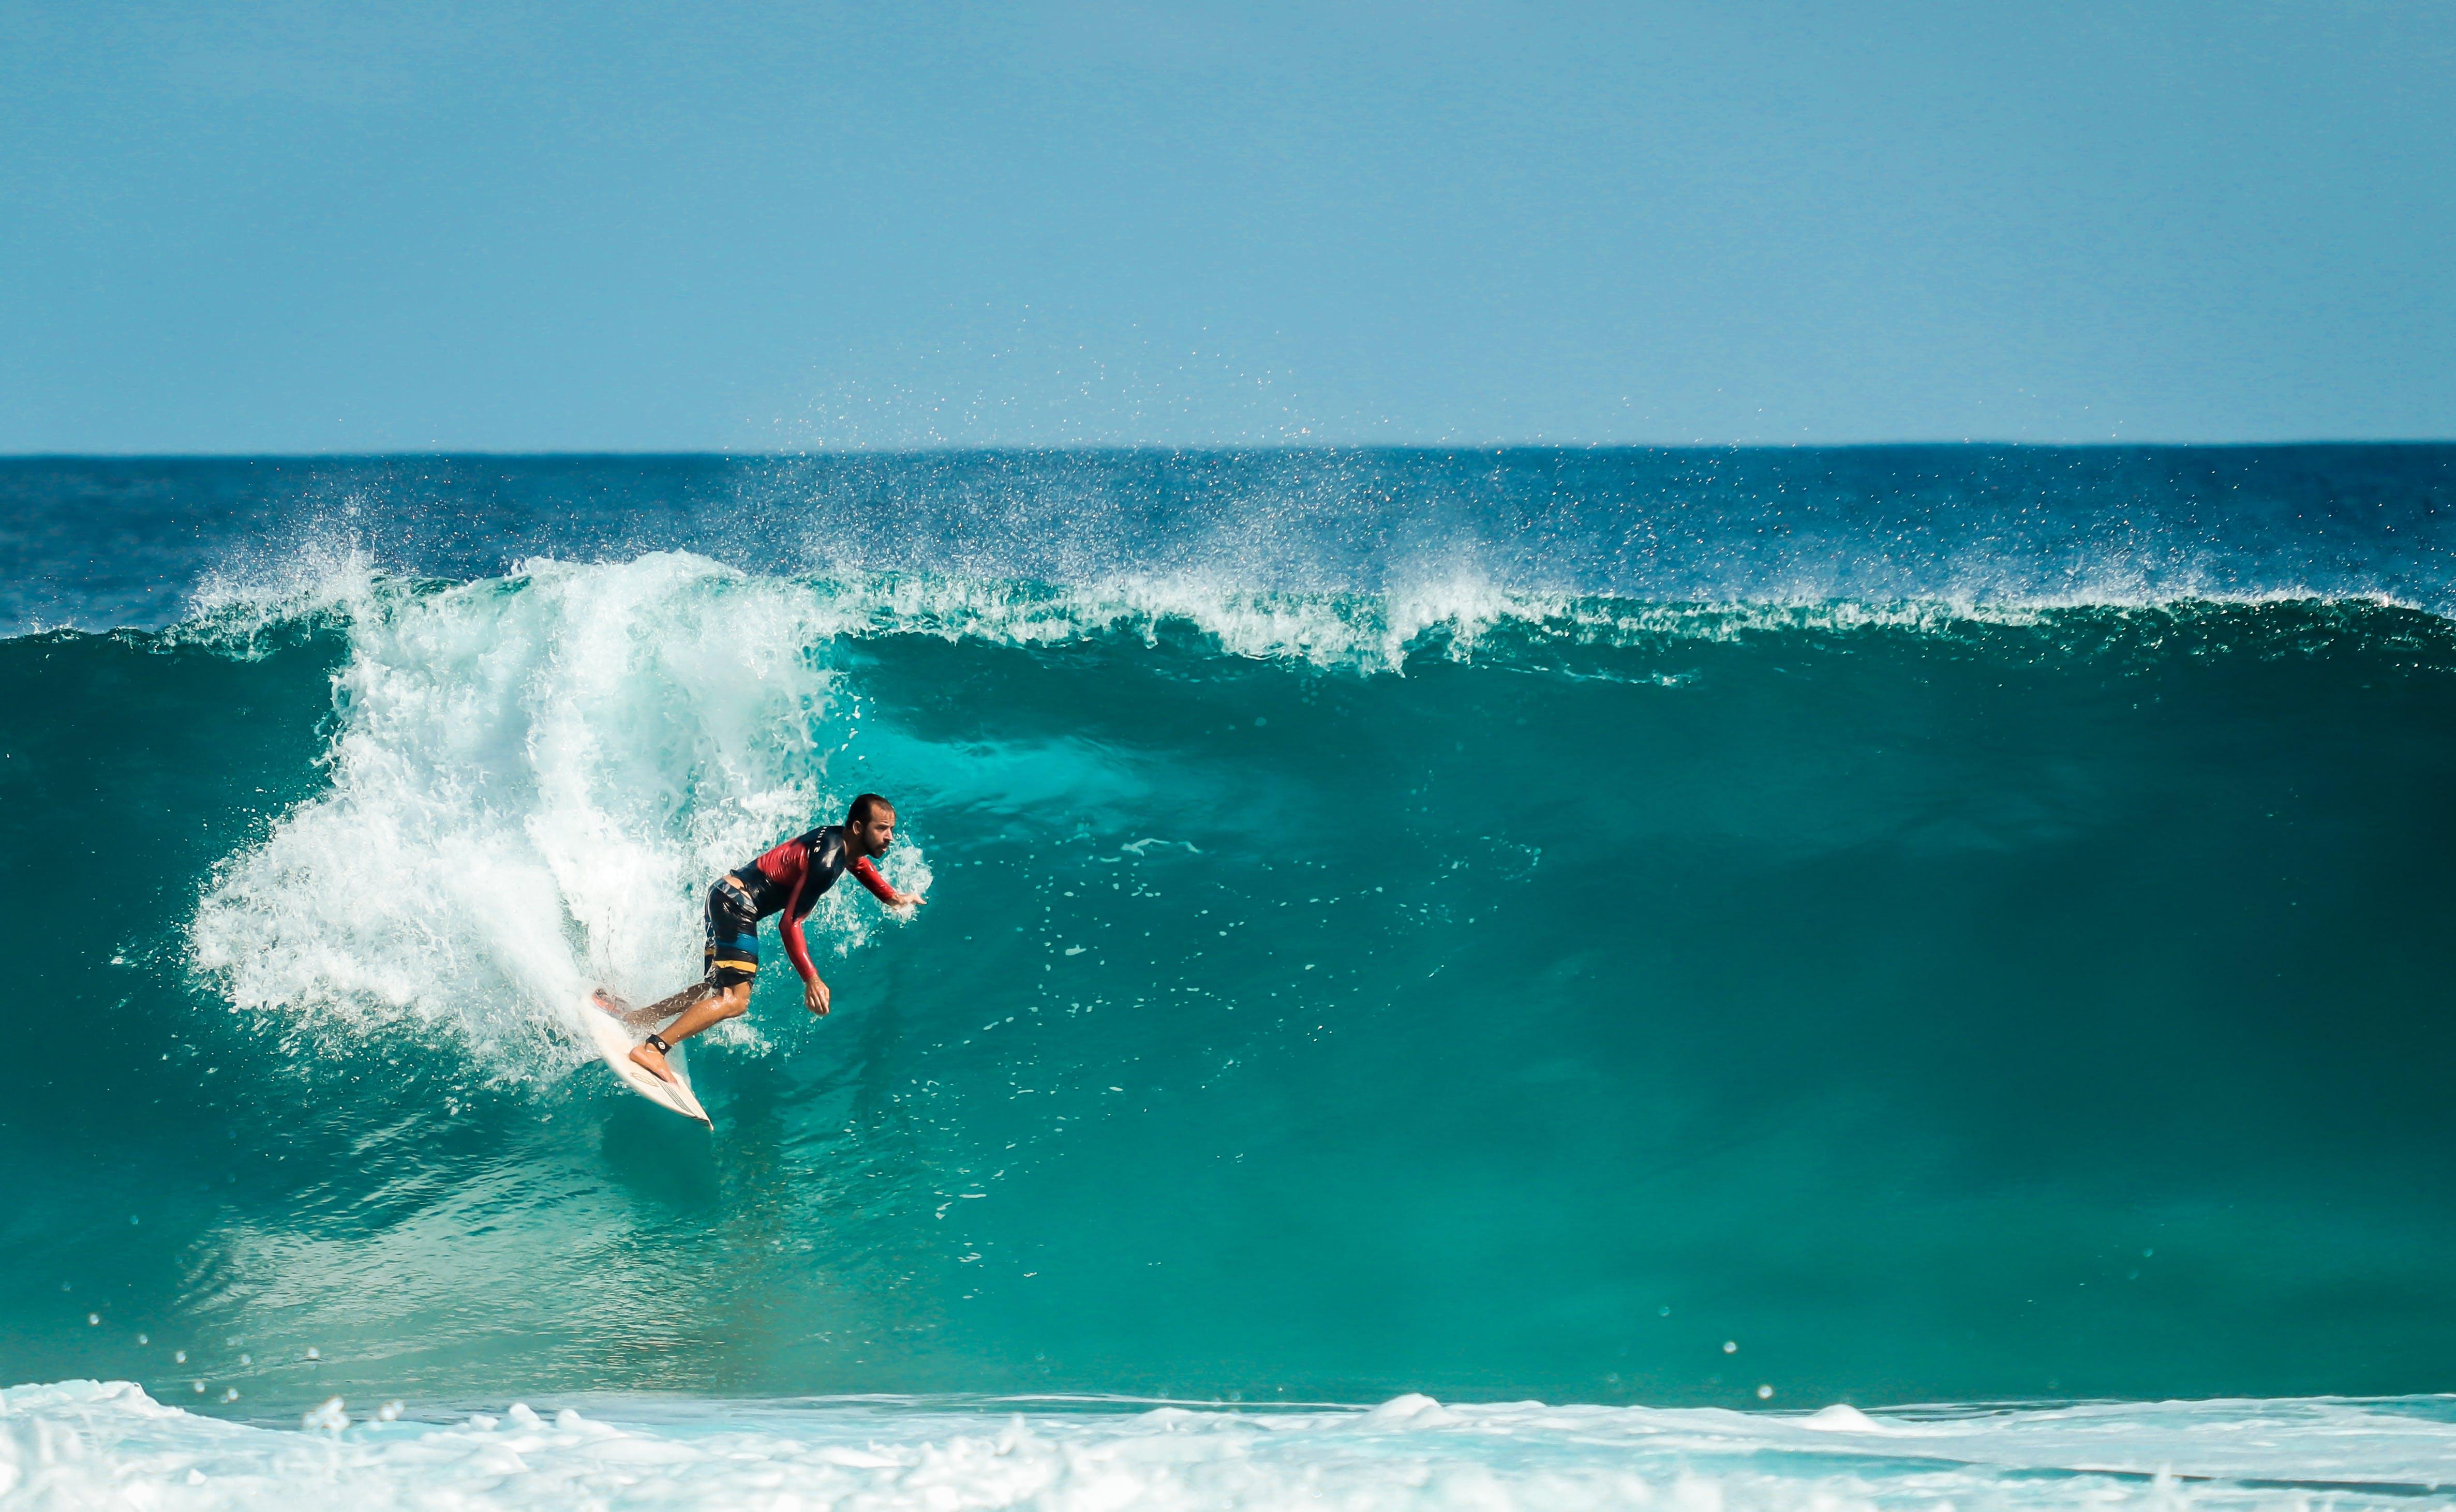 Gratis lagerfoto af aktiv, atlet, bevægelse, bølger